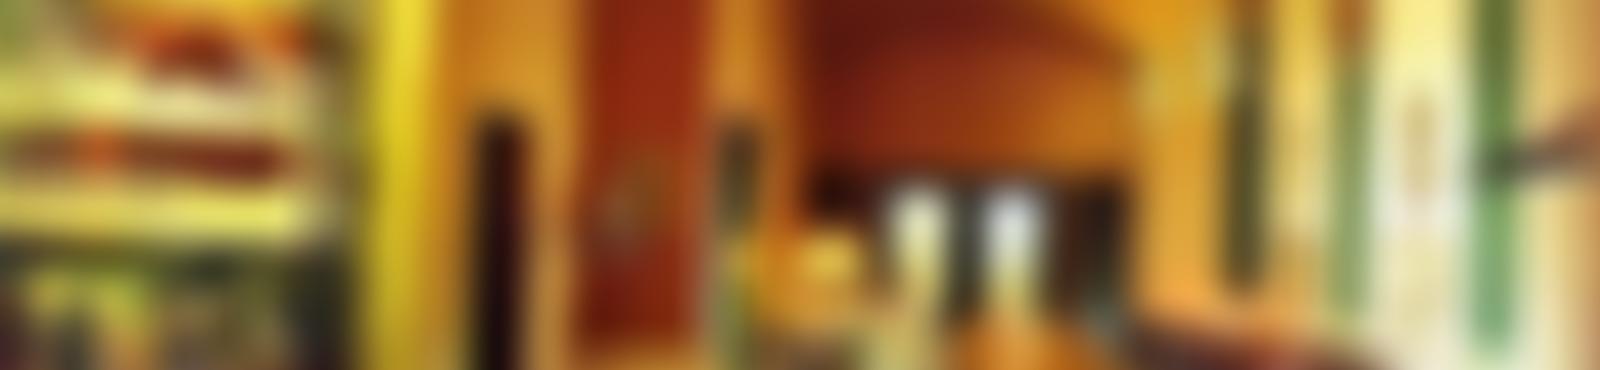 Blurred 05